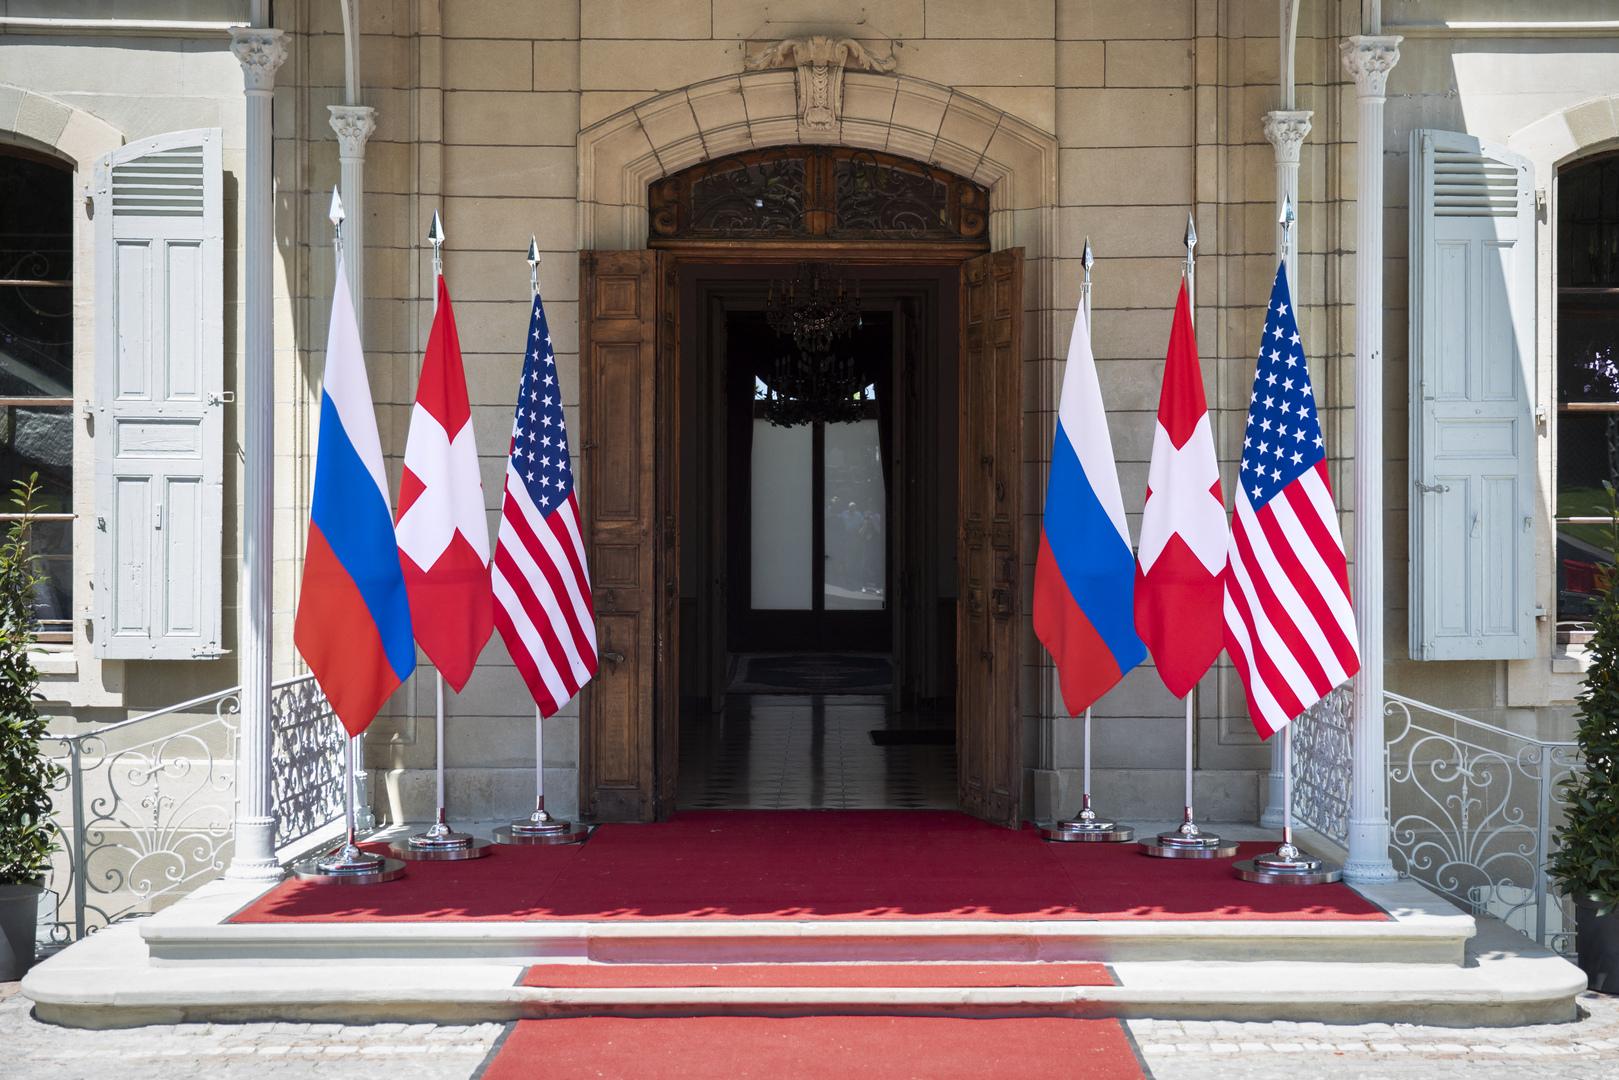 مجموعة من المشرعين الأمريكيين تحث بايدن على التعاون مع روسيا في عدة مجالات